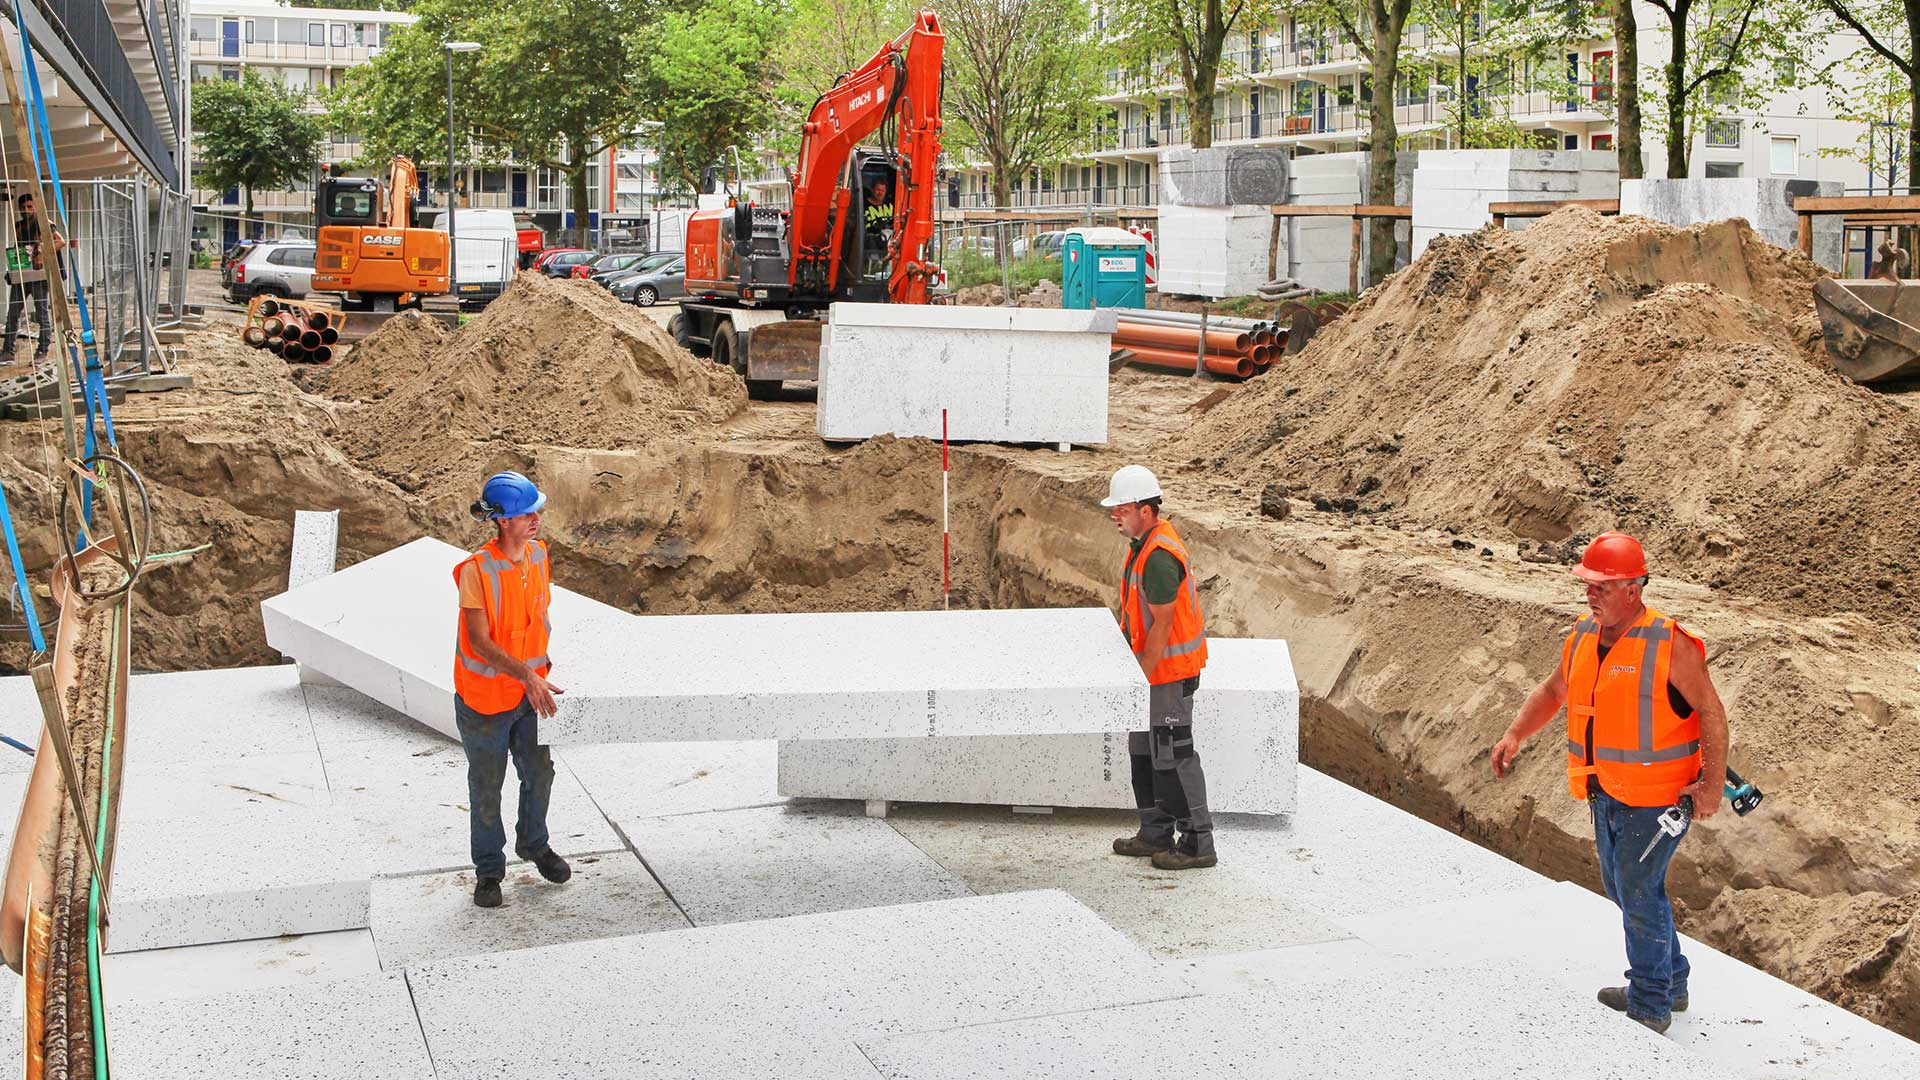 157149-Bodemsanering-en-reconstructie-Johan-Straussplein-Schiedam-19201080-00